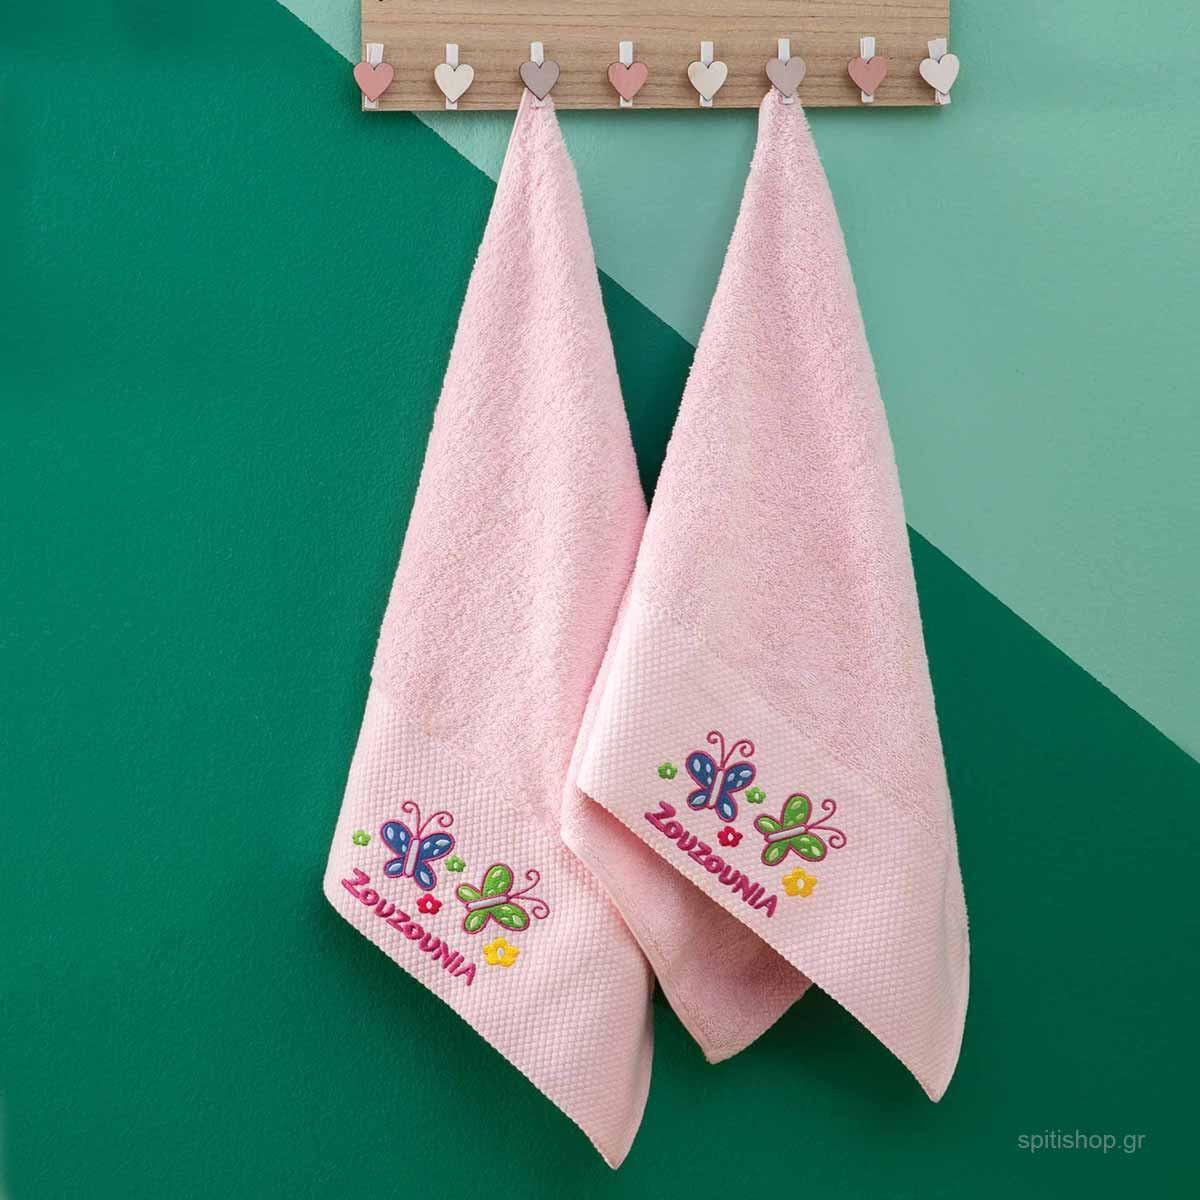 Βρεφικές Πετσέτες Προσώπου (Σετ 2τμχ) Zouzounia Πεταλούδα 365